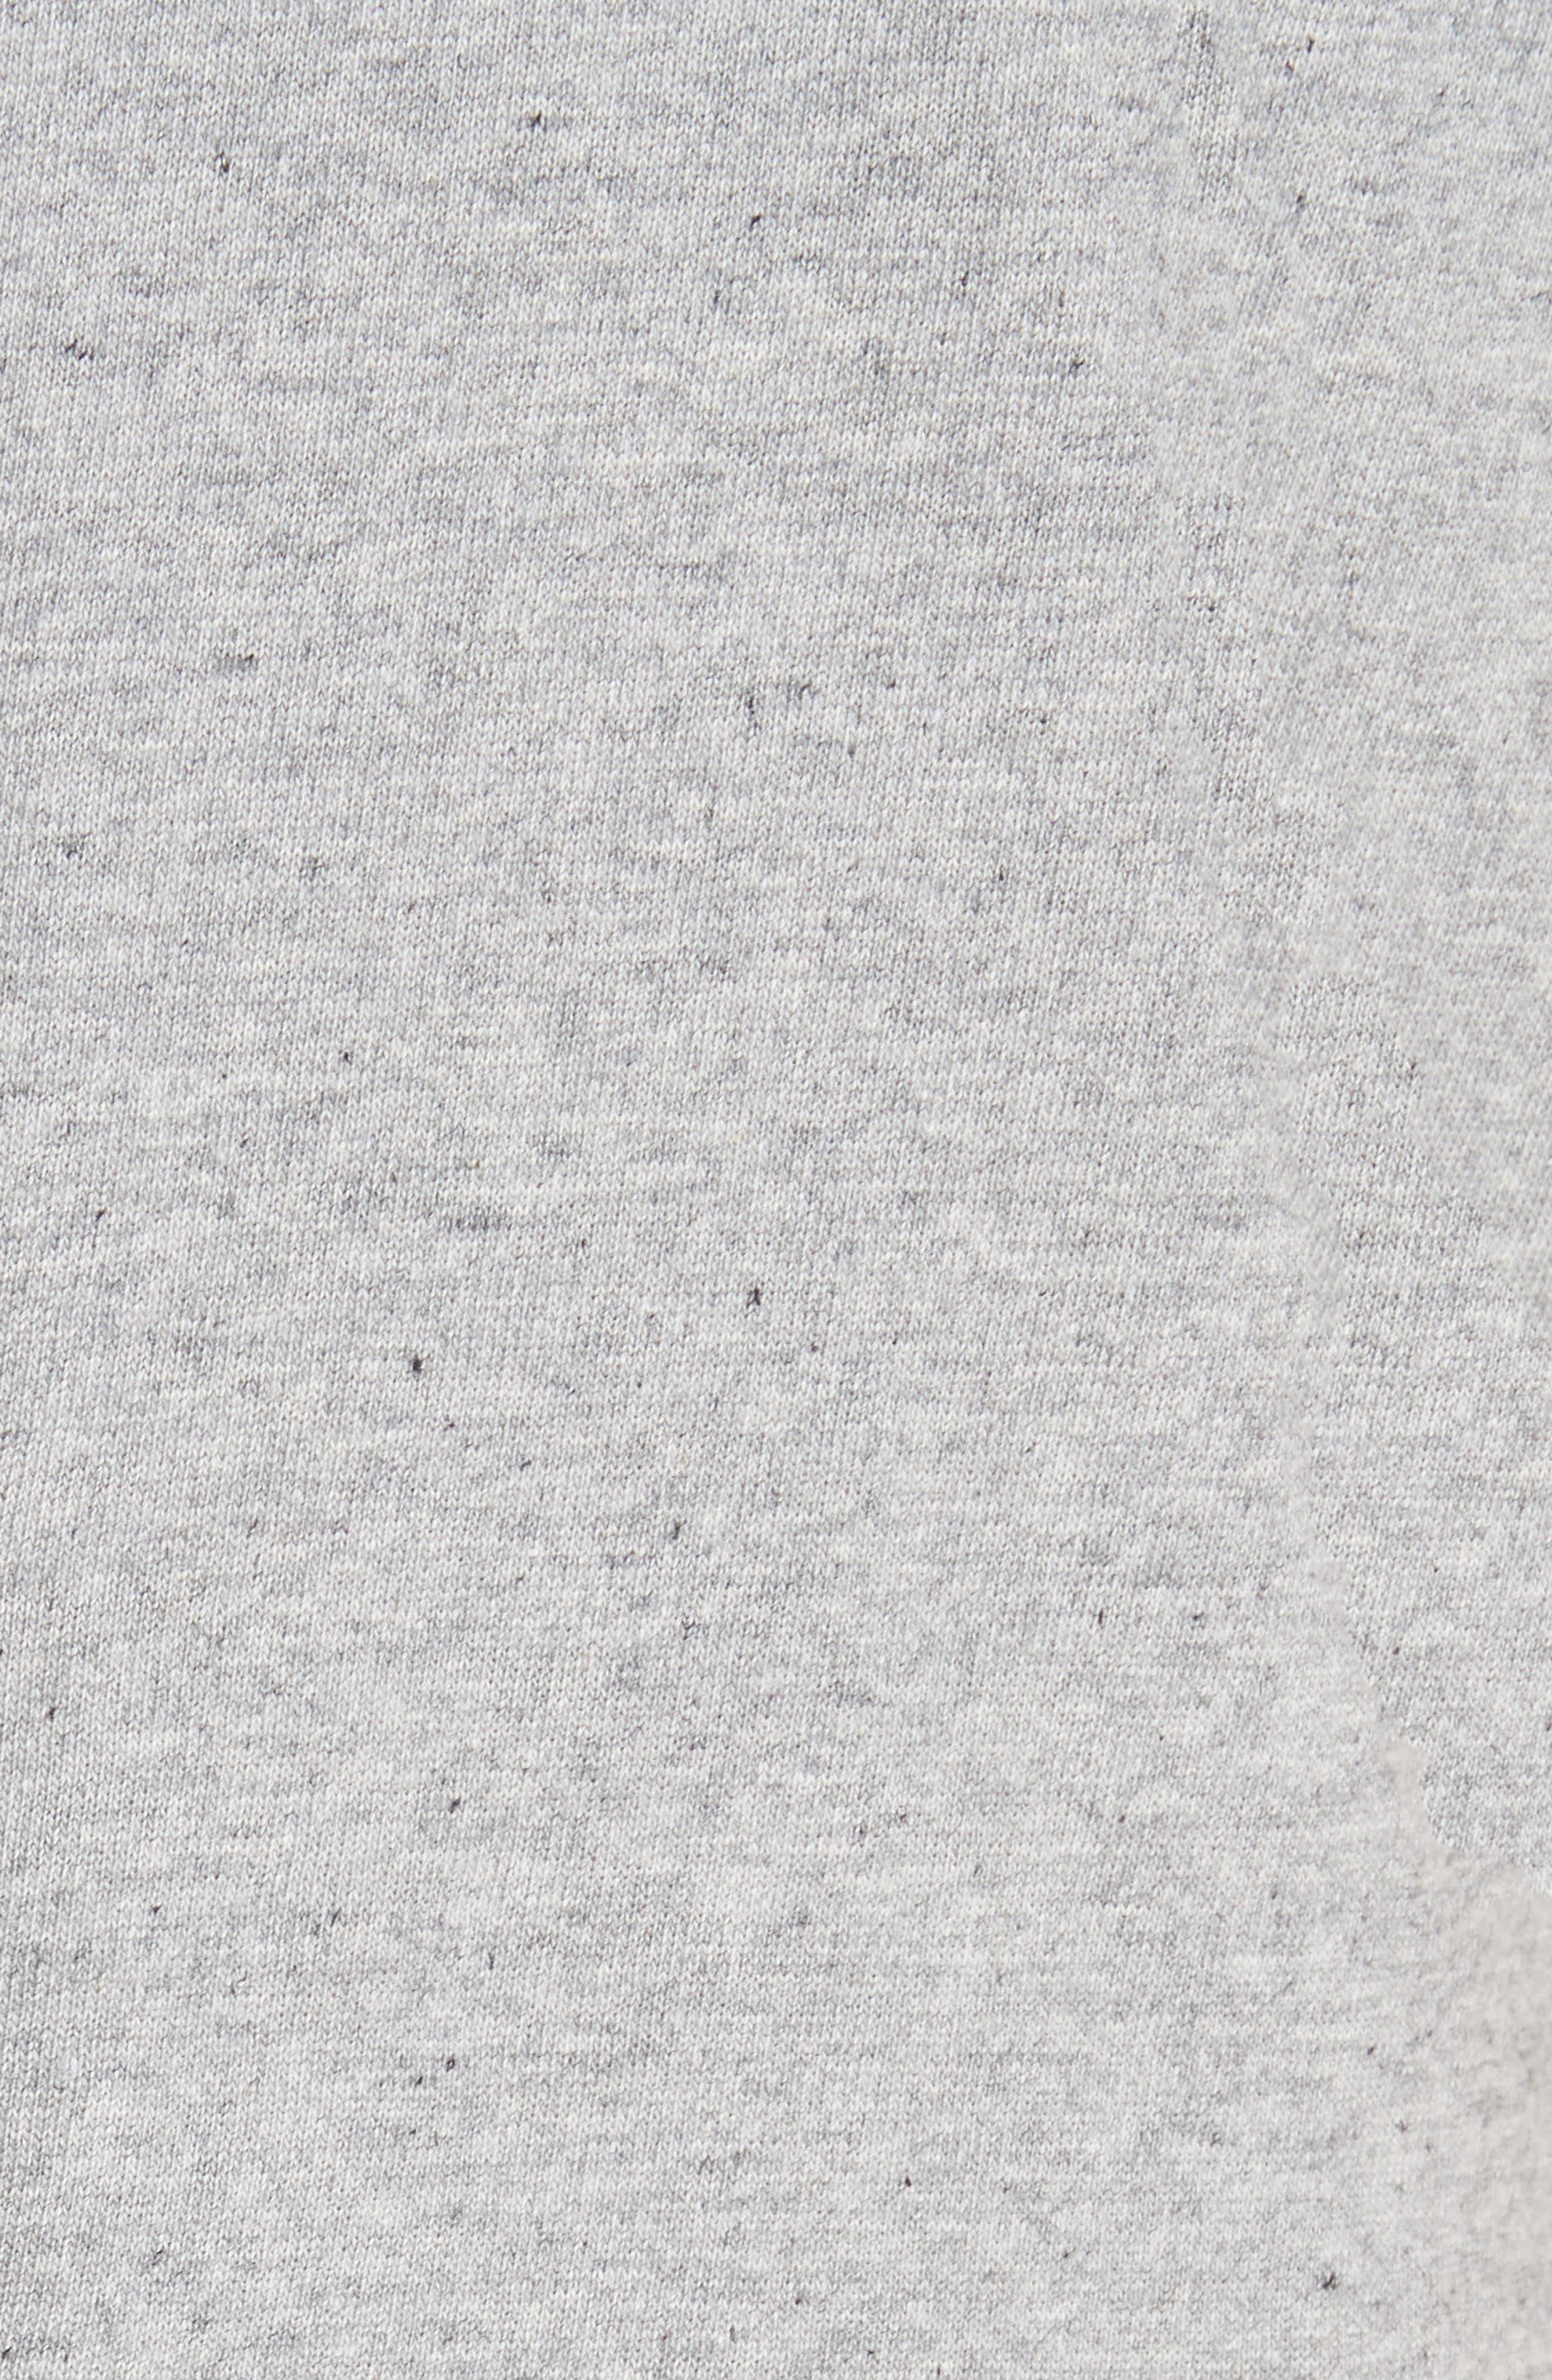 Crop Cotton Knit Jumpsuit,                             Alternate thumbnail 6, color,                             087